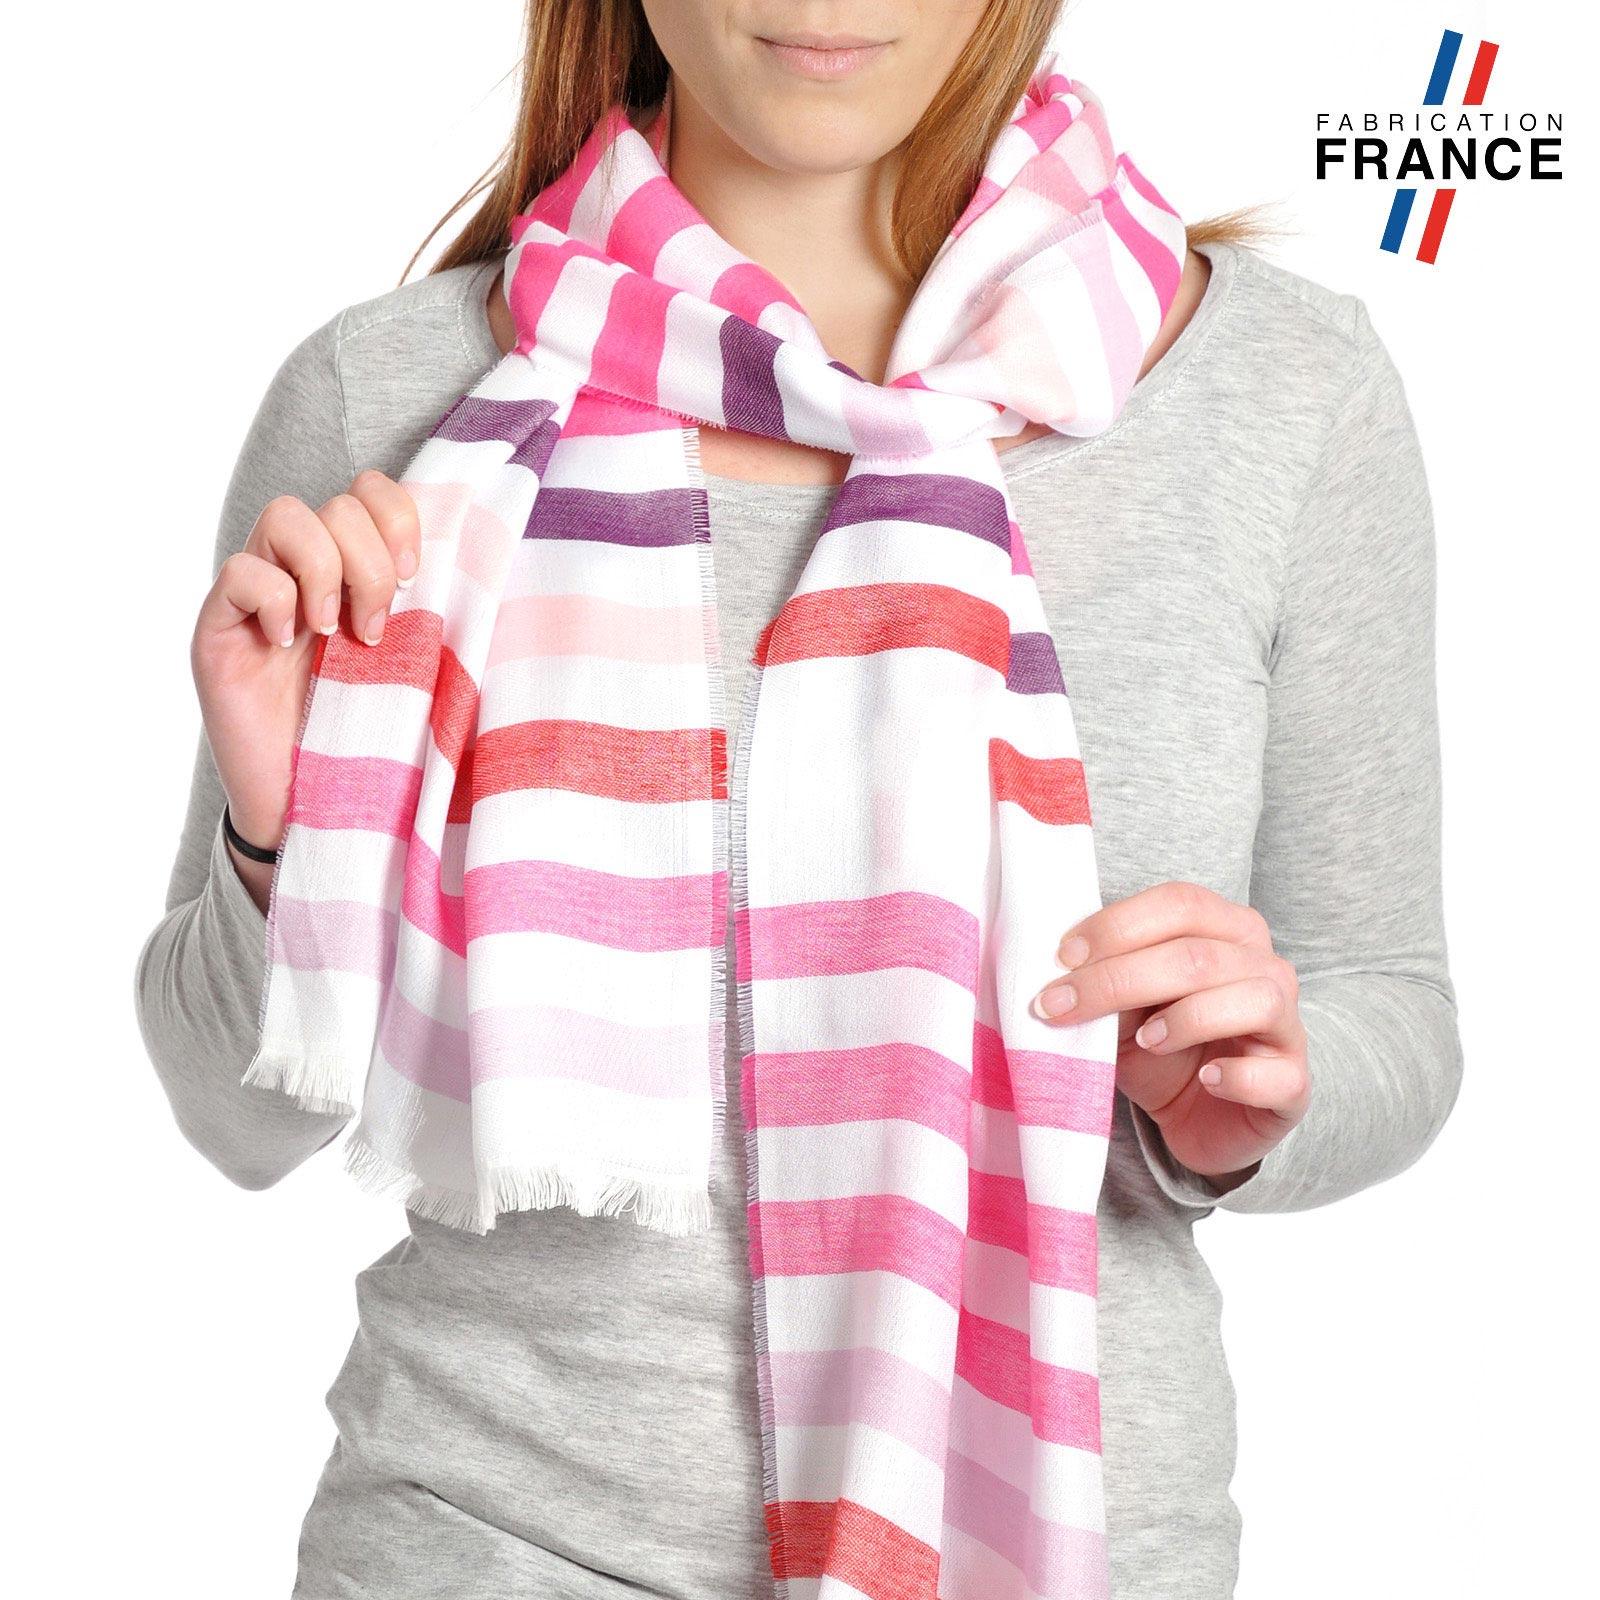 AT-04291-VF10-T-LB_FR-echarpe-rayures-violet-rose-qualicoq